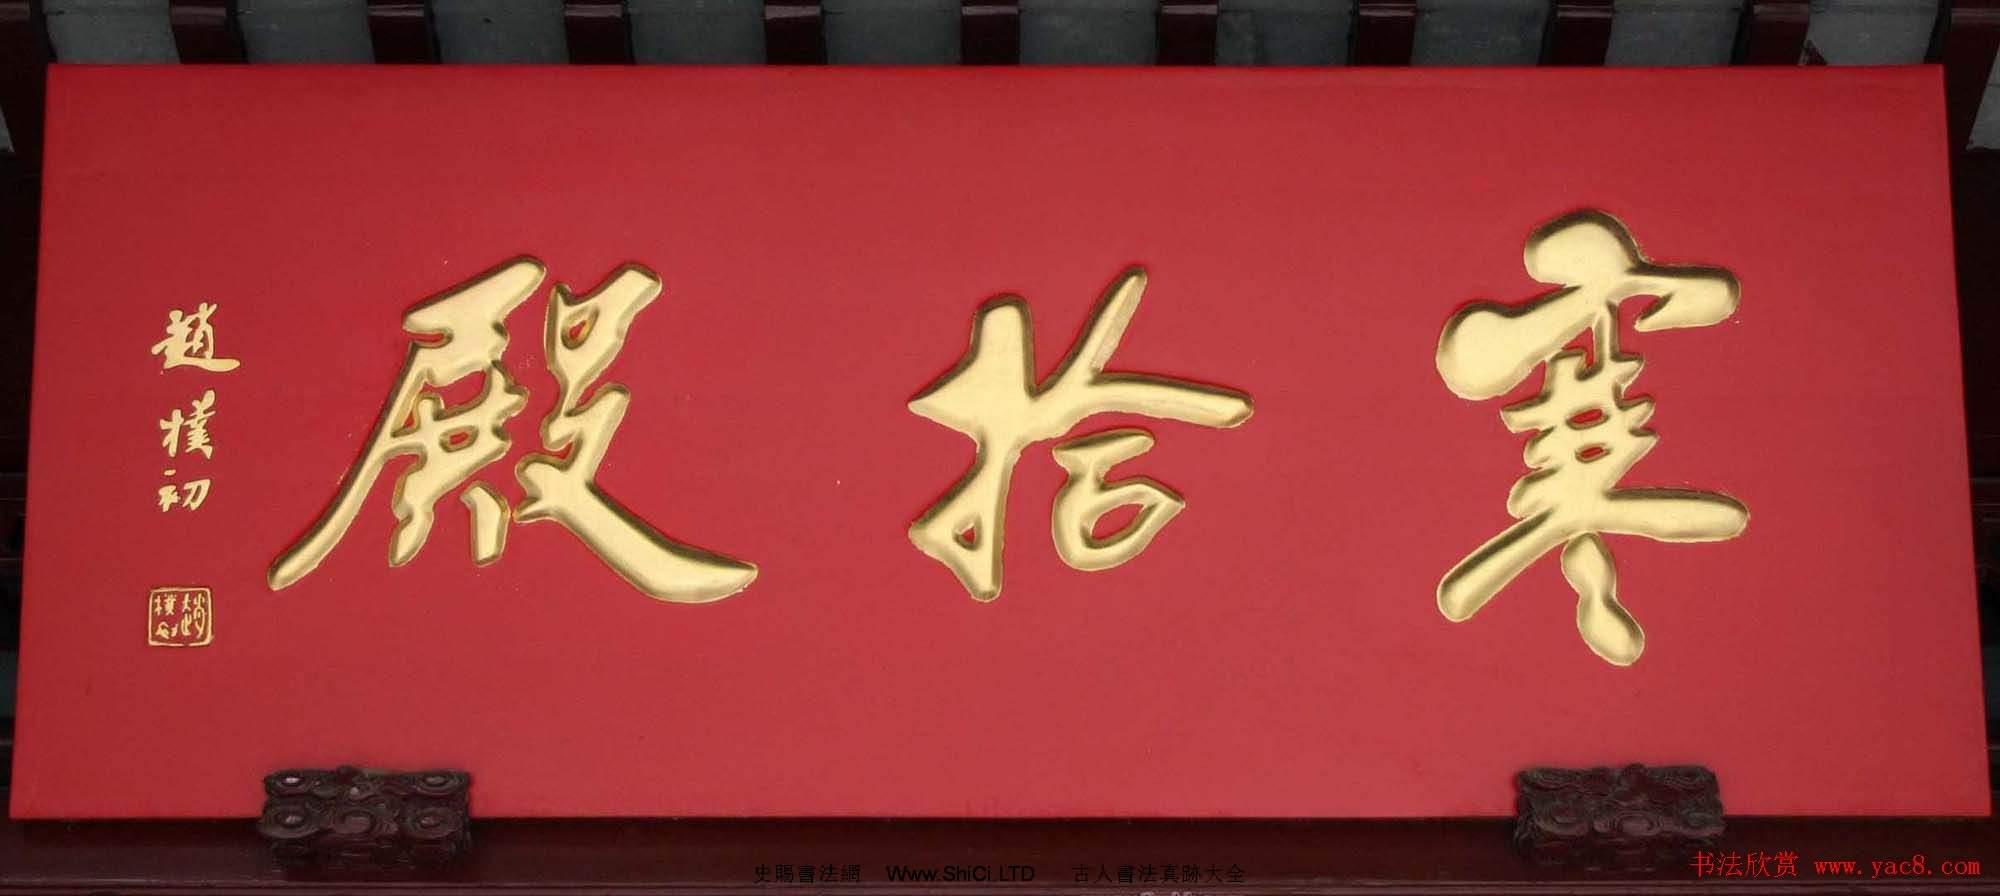 趙樸初書法題字牌匾真跡欣賞(共9張圖片)